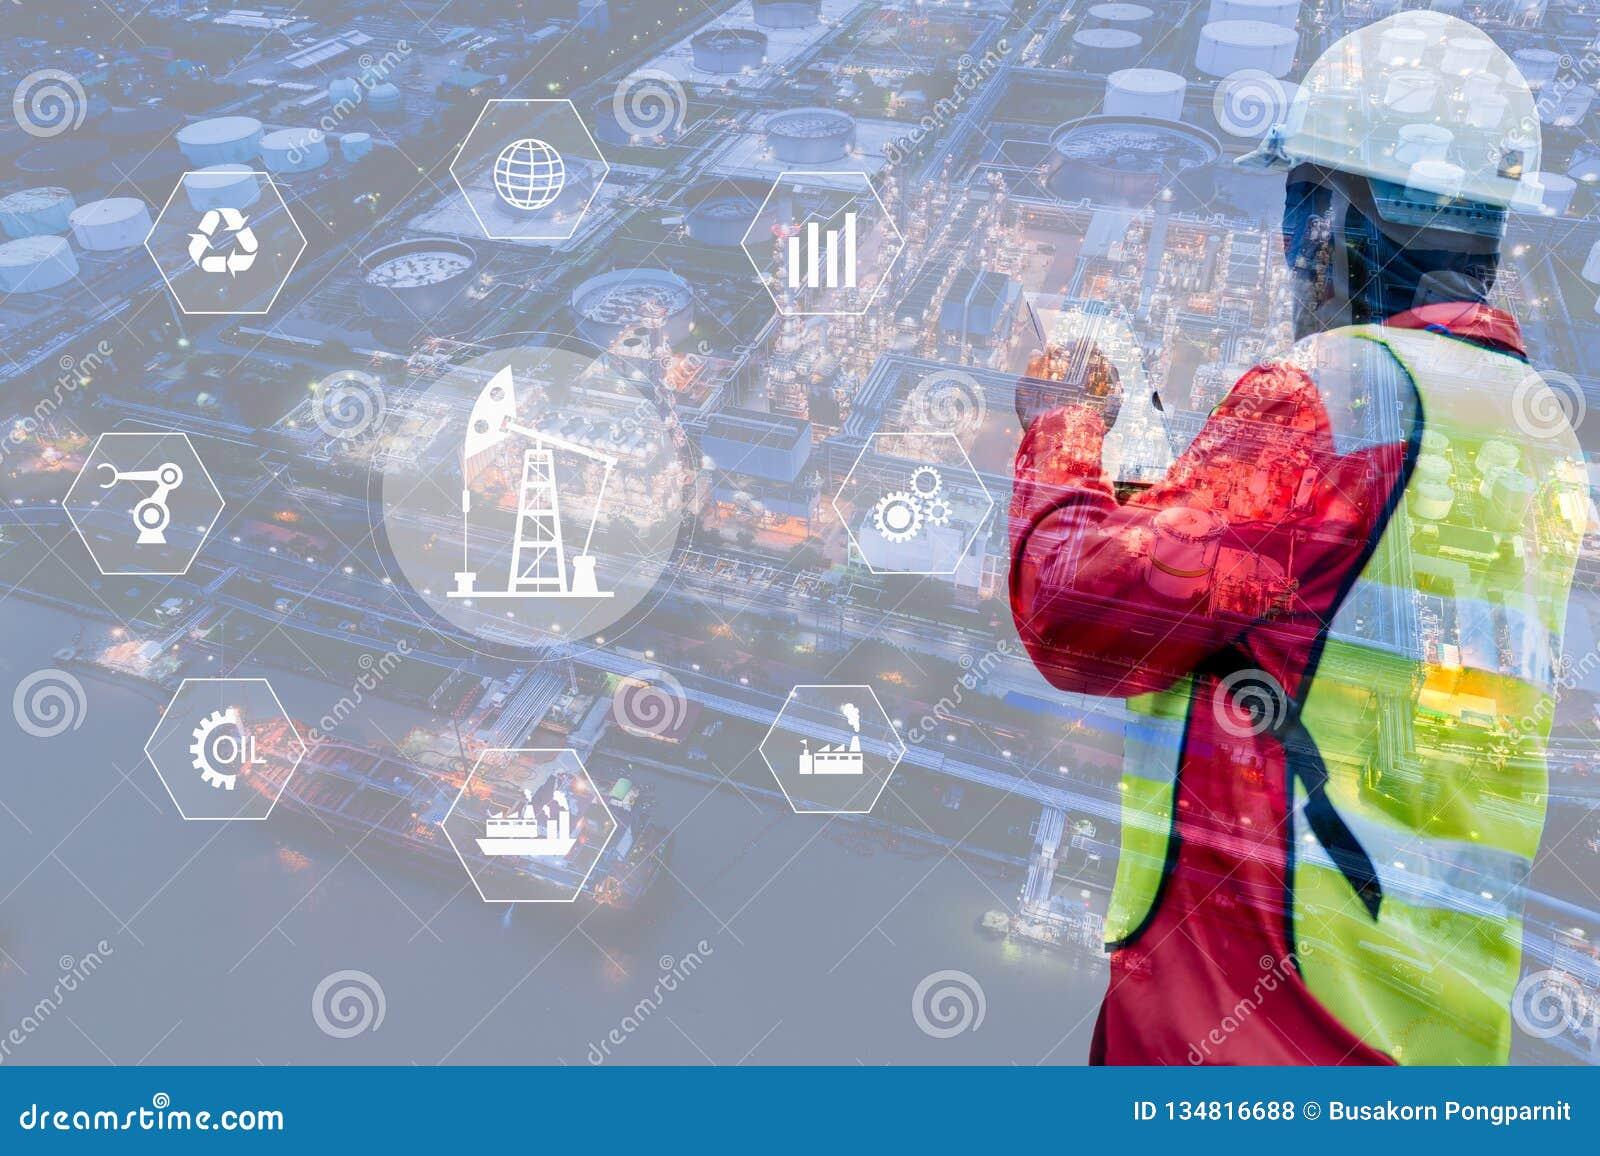 Doppelbelichtung des Ingenieurs mit Erdölraffinerieindustrie-Betriebshintergrund, der industriellen Instrumente in der Fabrik und